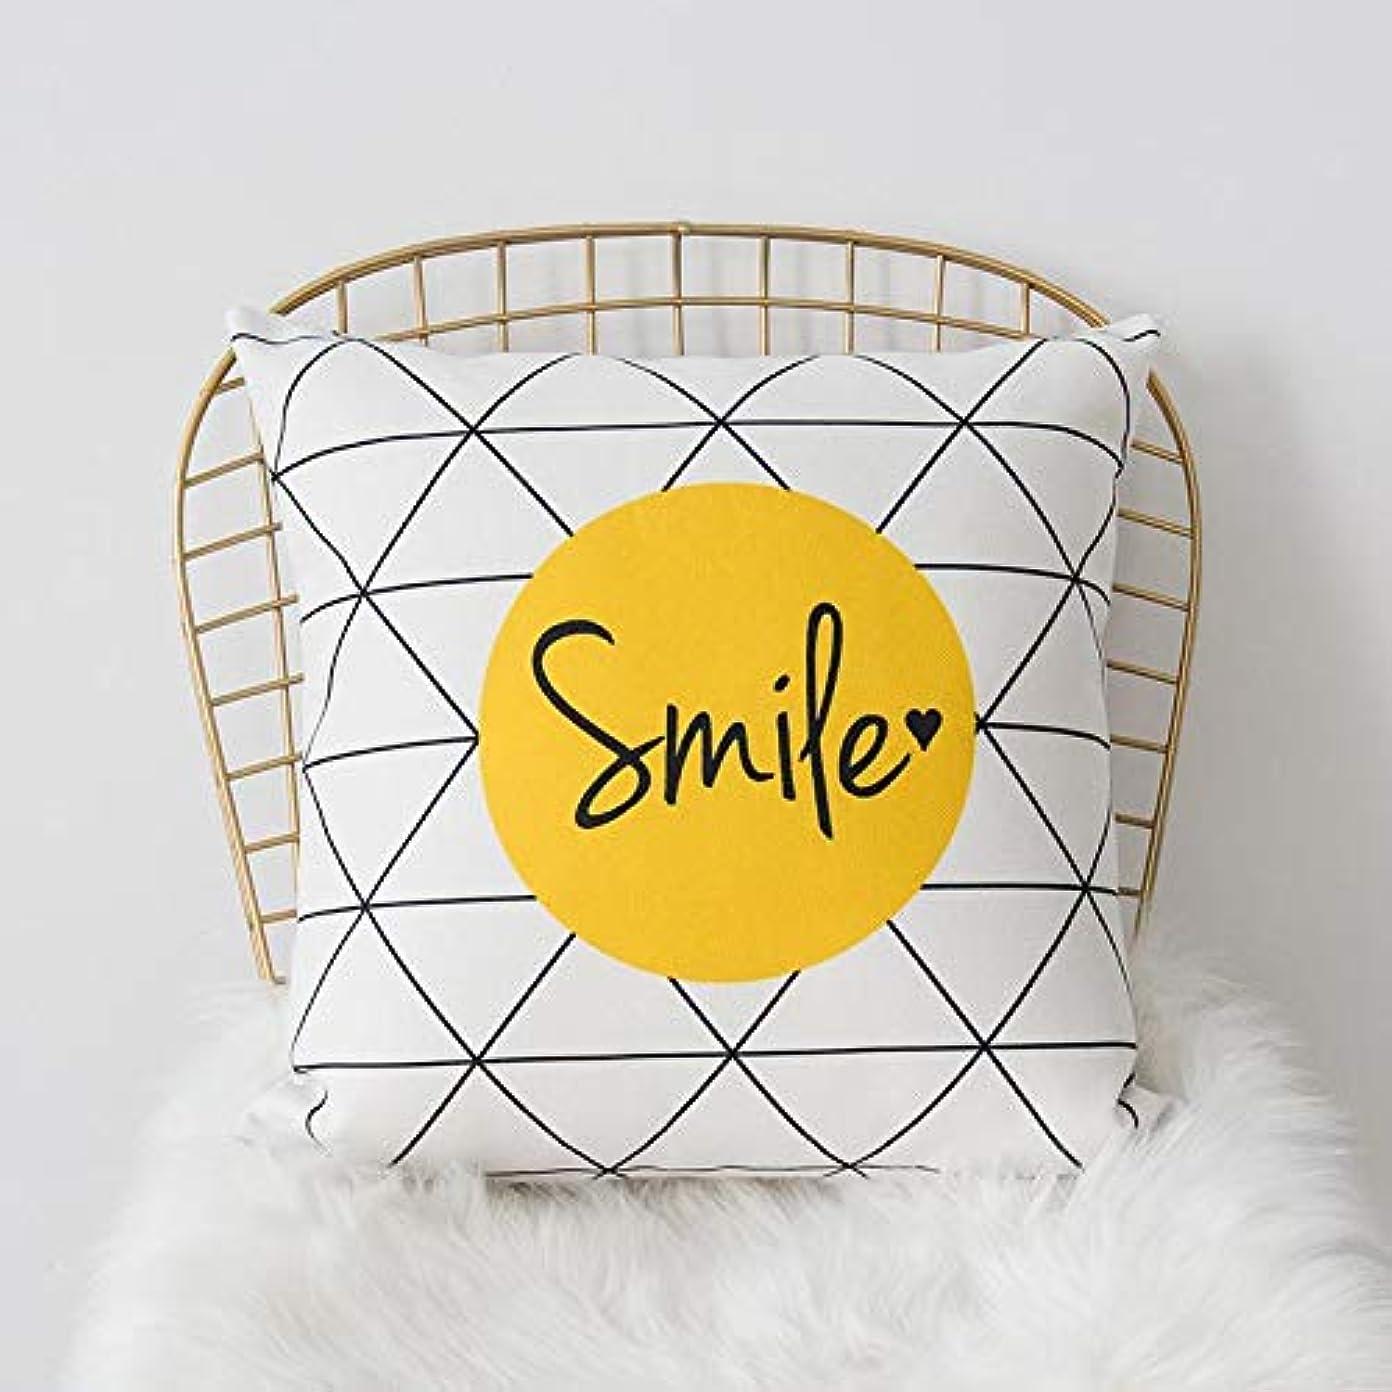 無実可聴ベールLIFE 黄色グレー枕北欧スタイル黄色ヘラジカ幾何枕リビングルームのインテリアソファクッション Cojines 装飾良質 クッション 椅子